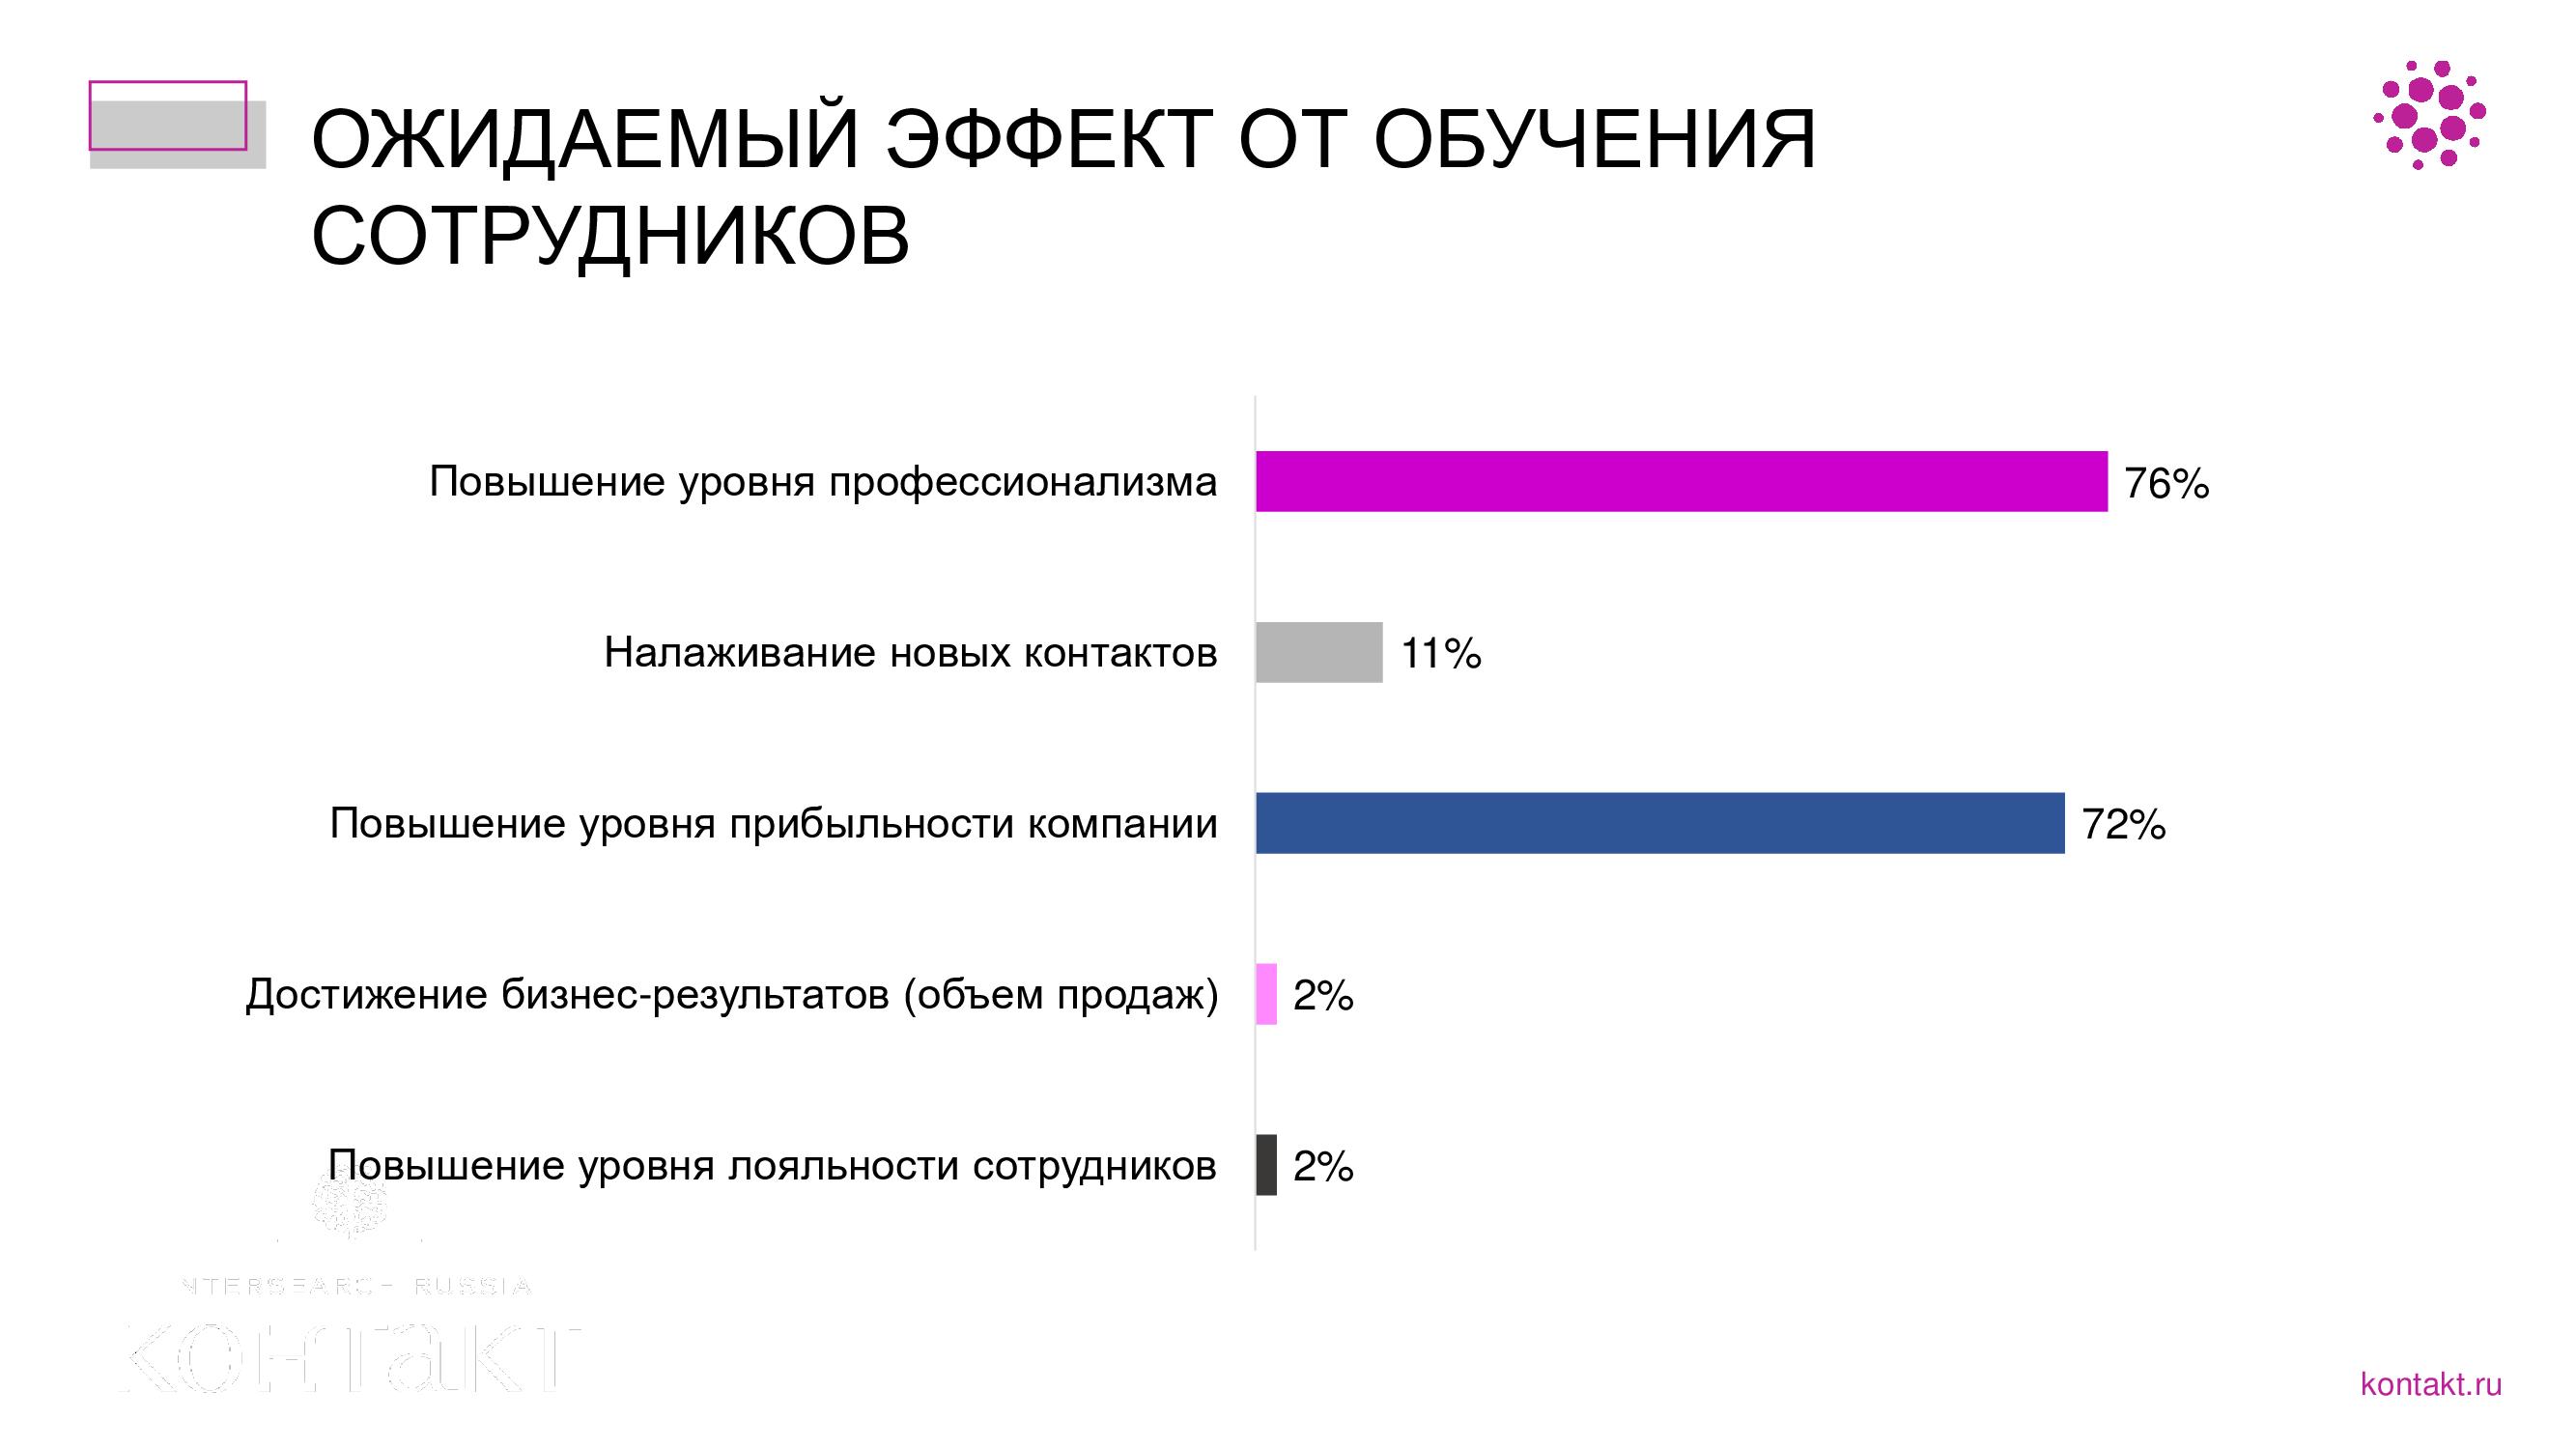 Исследование: российские компании все больше заинтересованы в обучении сотрудников